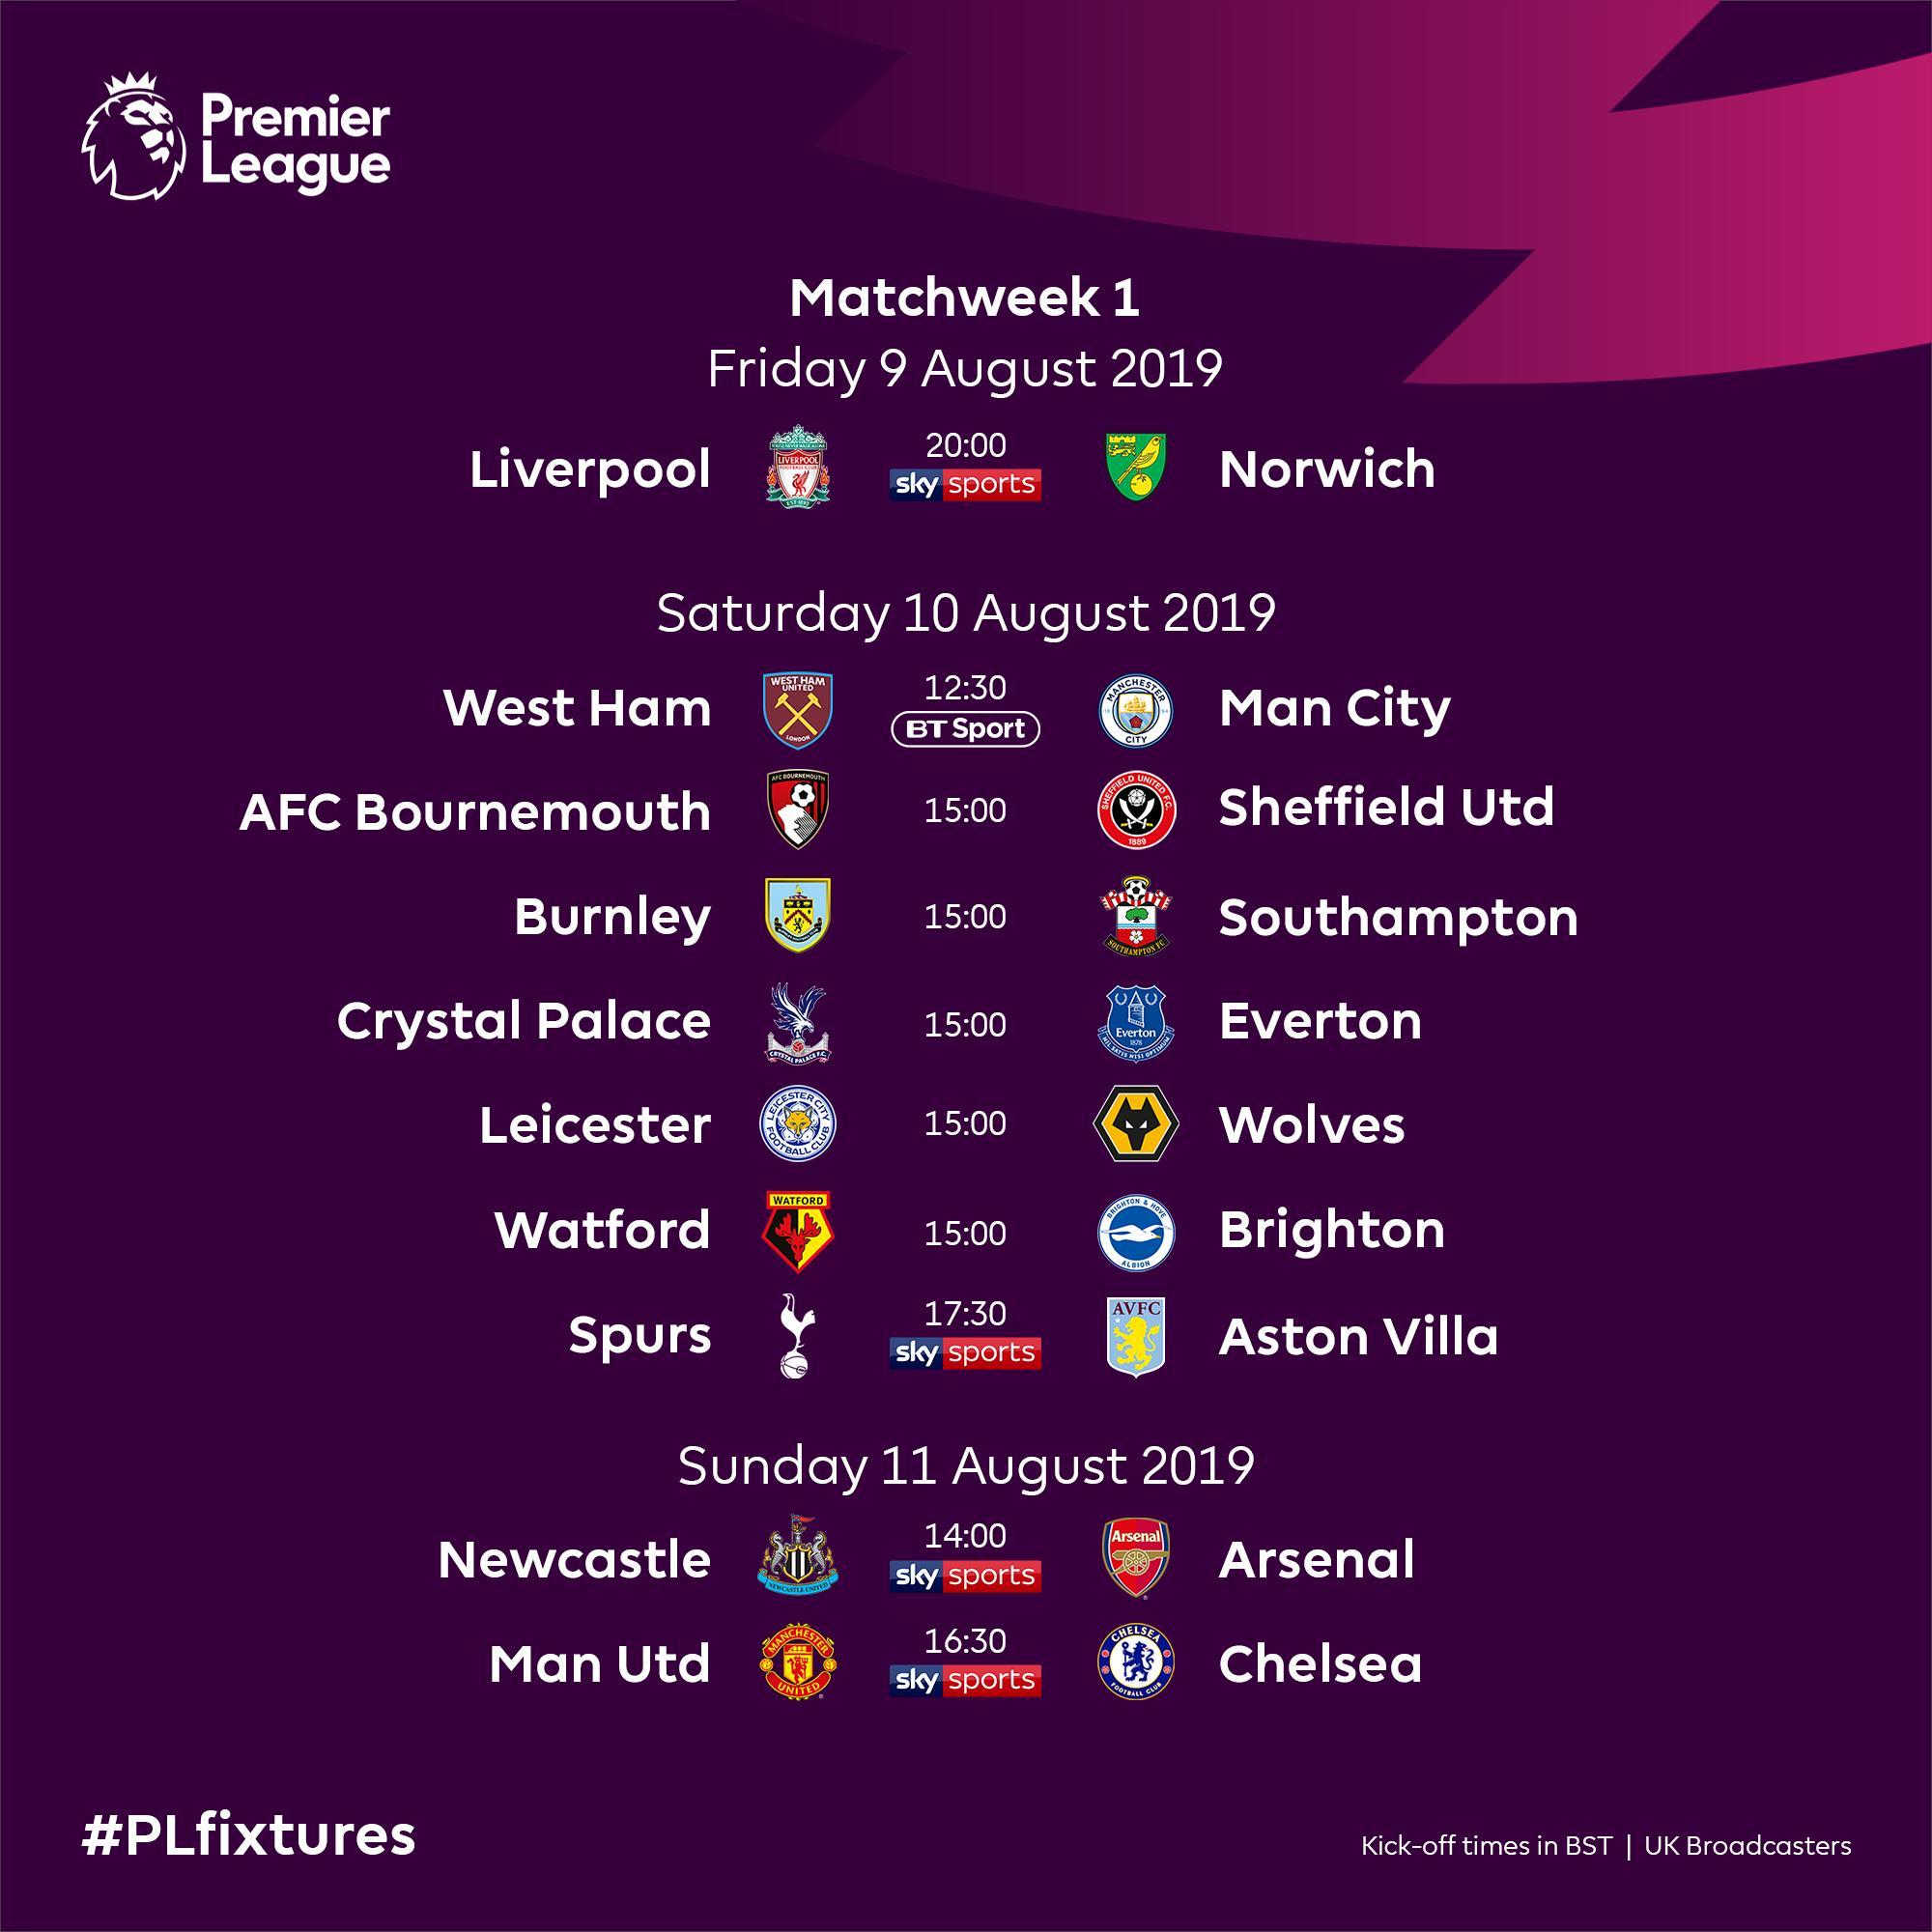 مواعيد مباريات الجولة الأولى فى الدوري الإنجليزي اليوم السابع